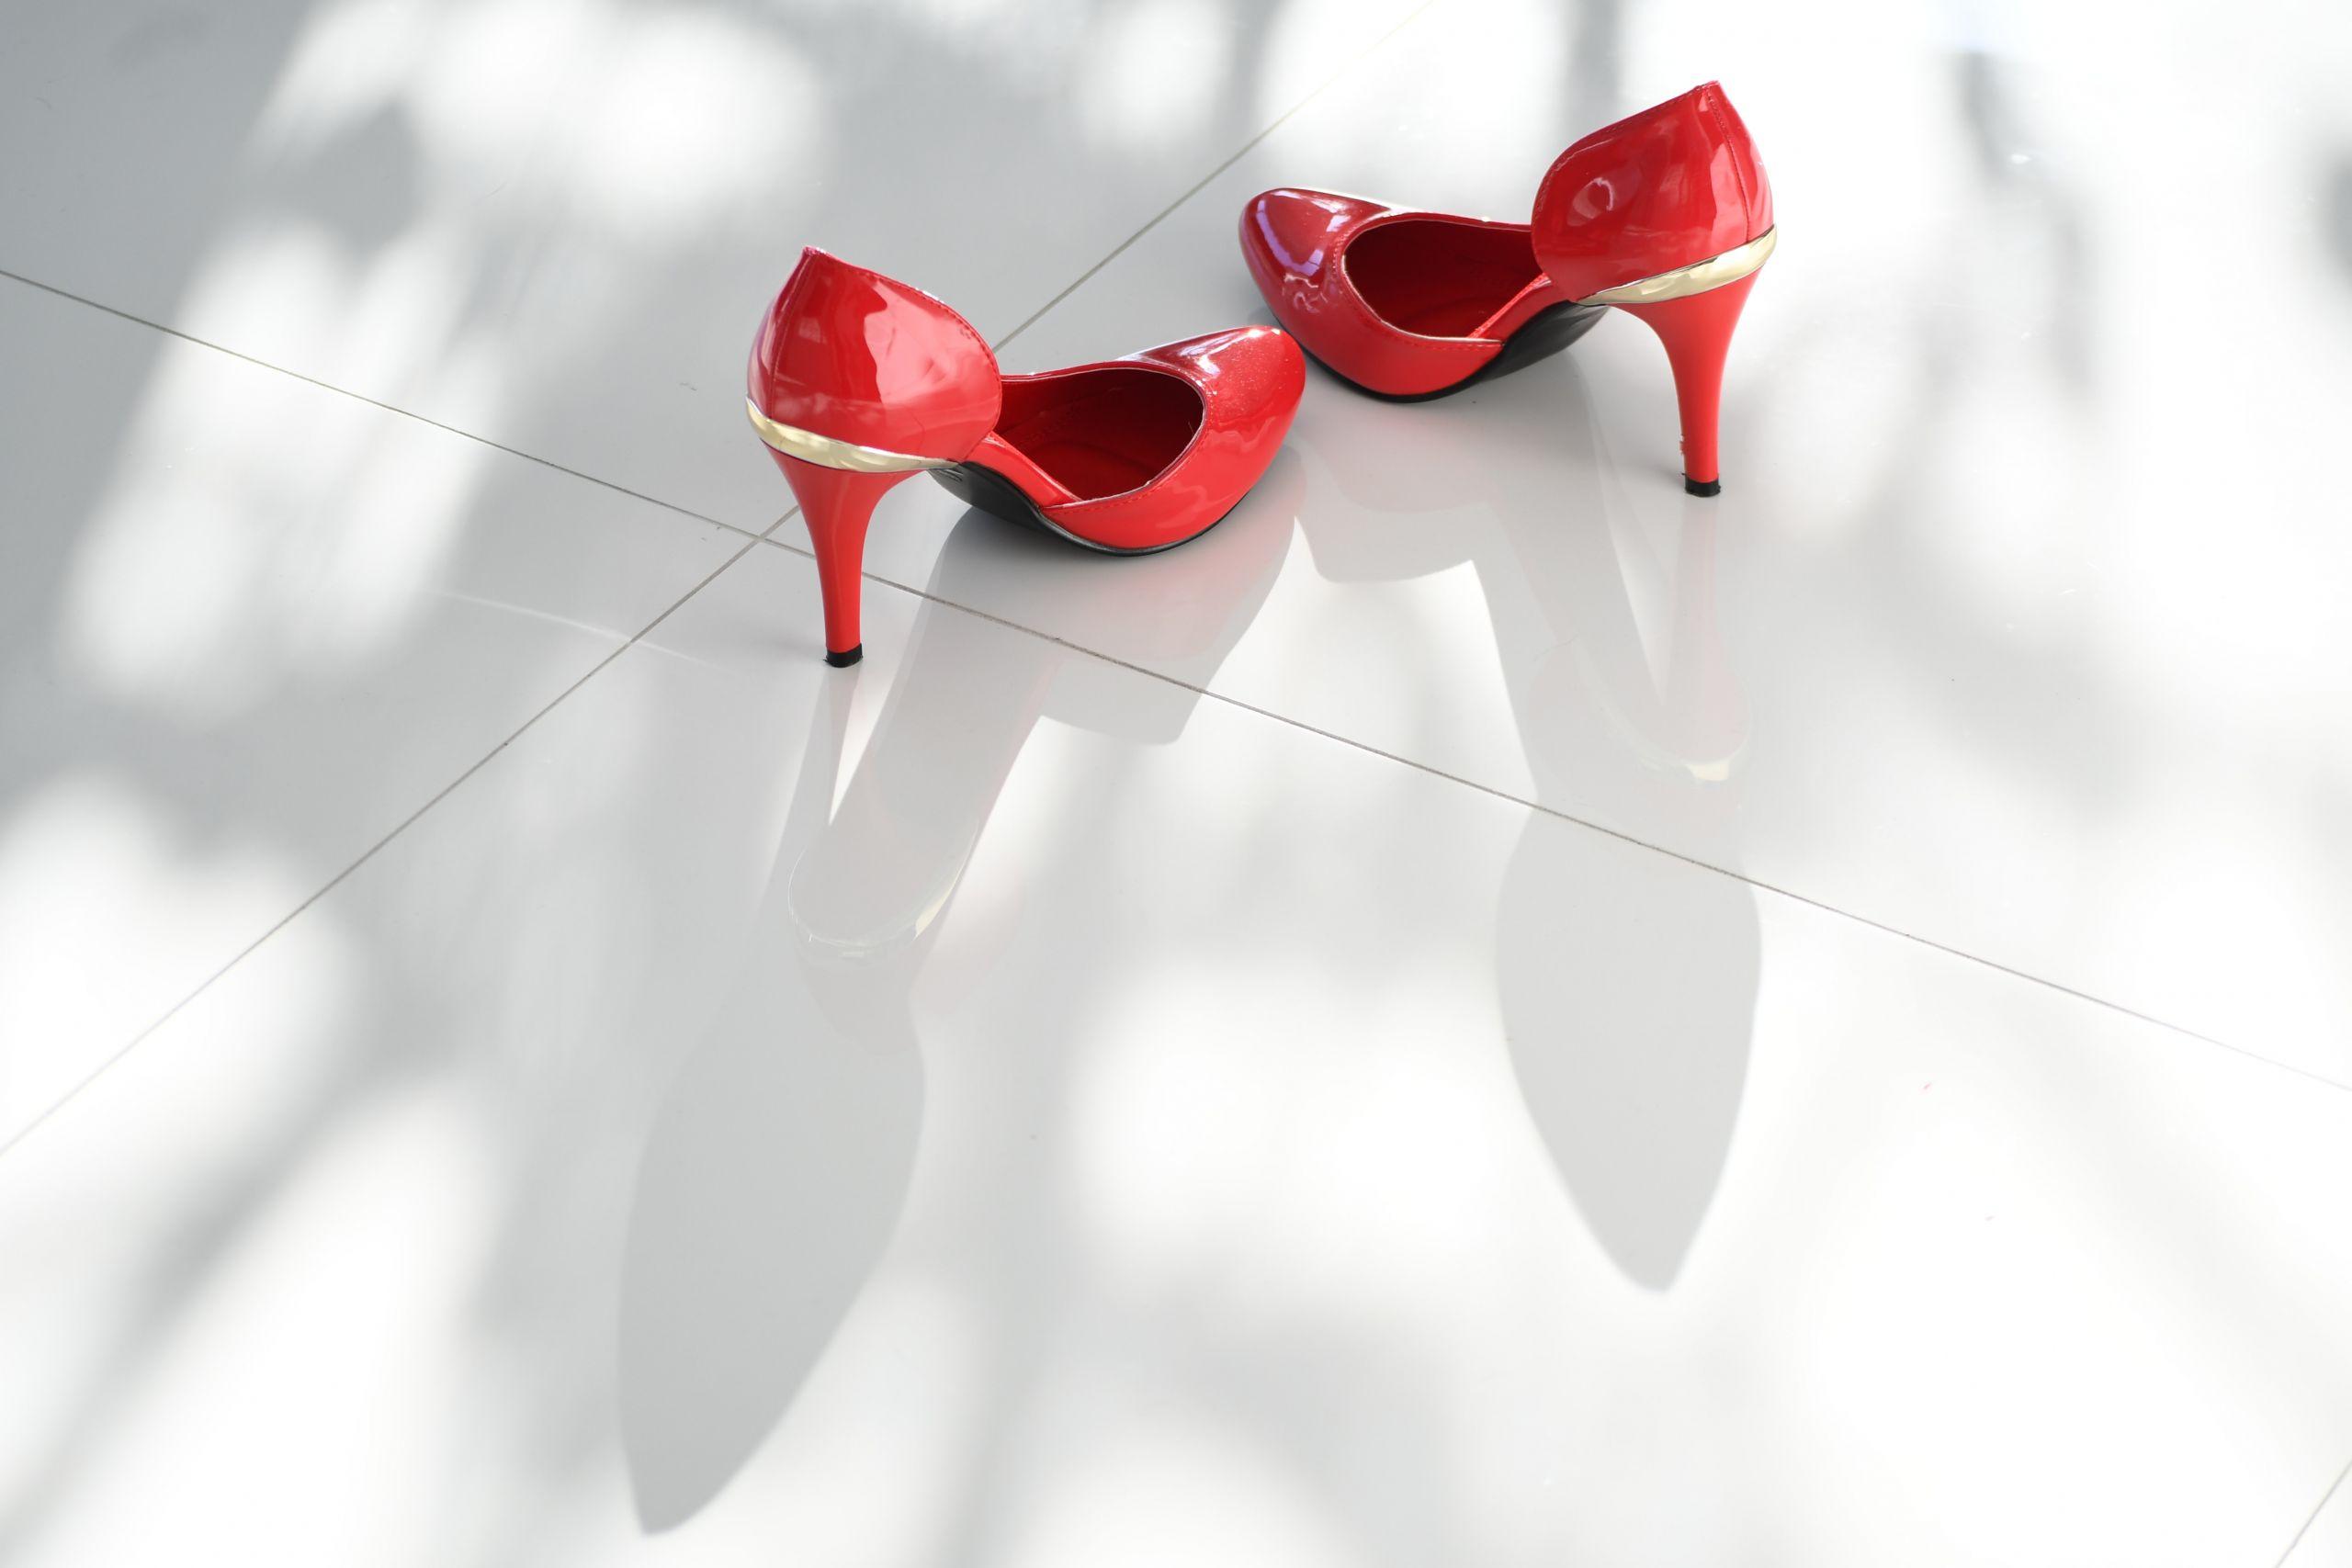 Rote High Heels als Symbol für Tangotanz